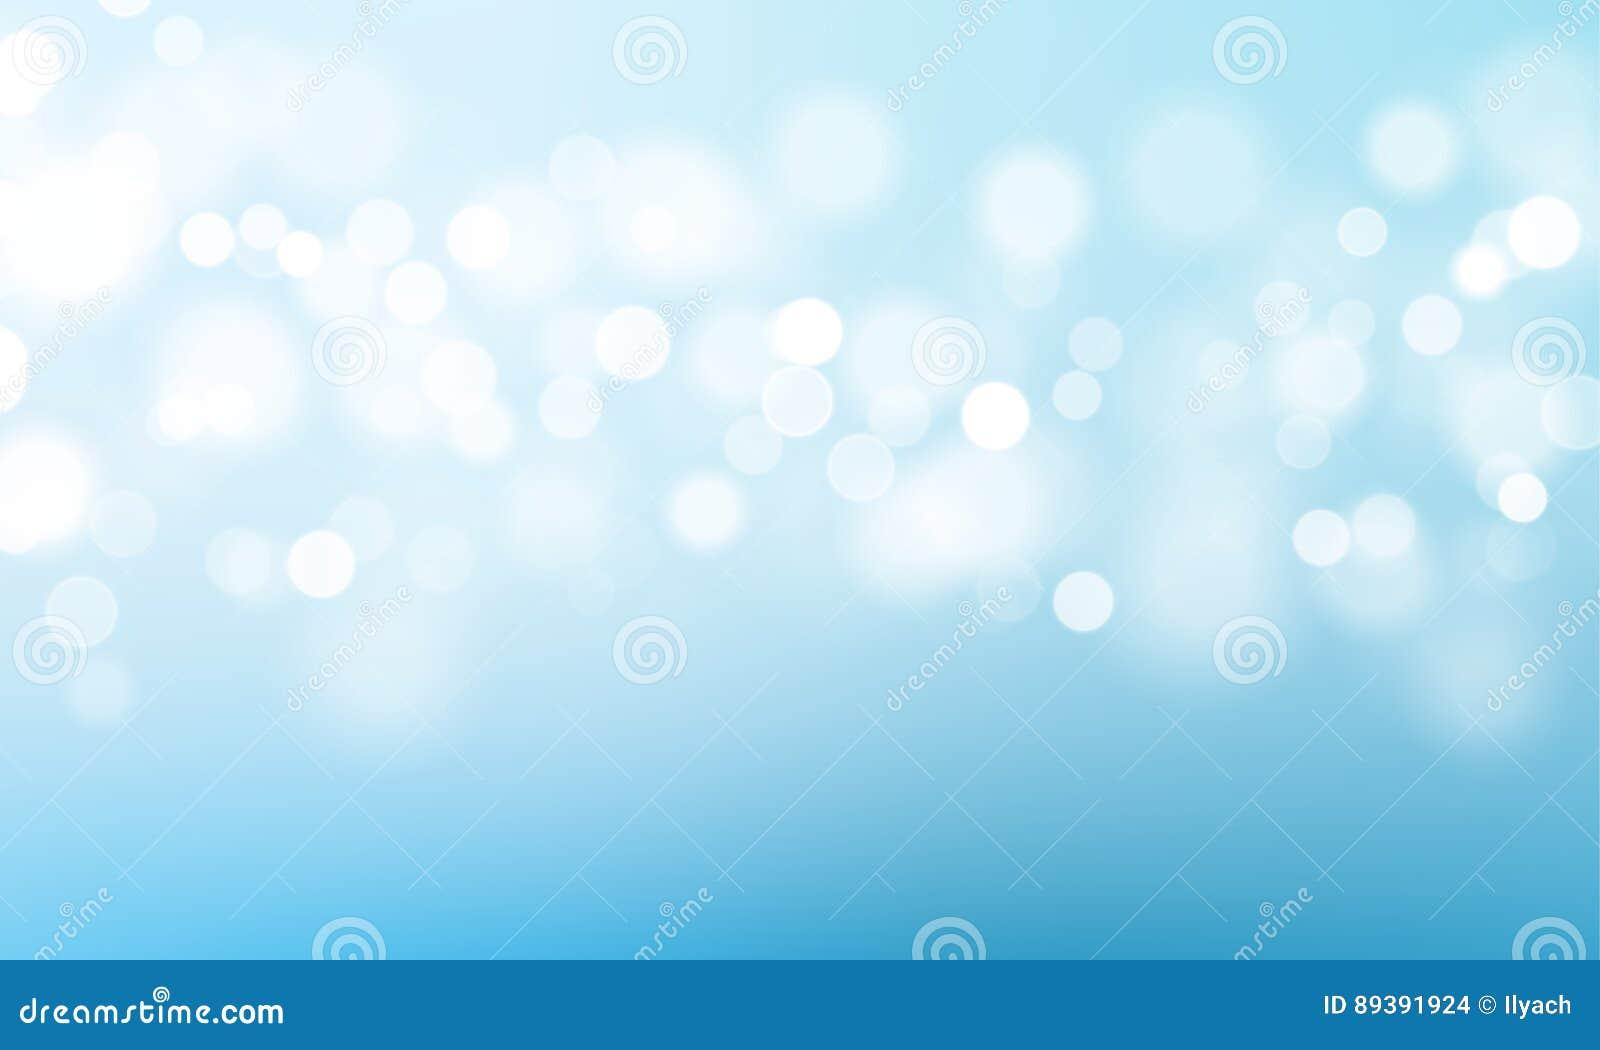 Blue Light Bokeh Flare Glitter Or Sparkling Vector Background Stock